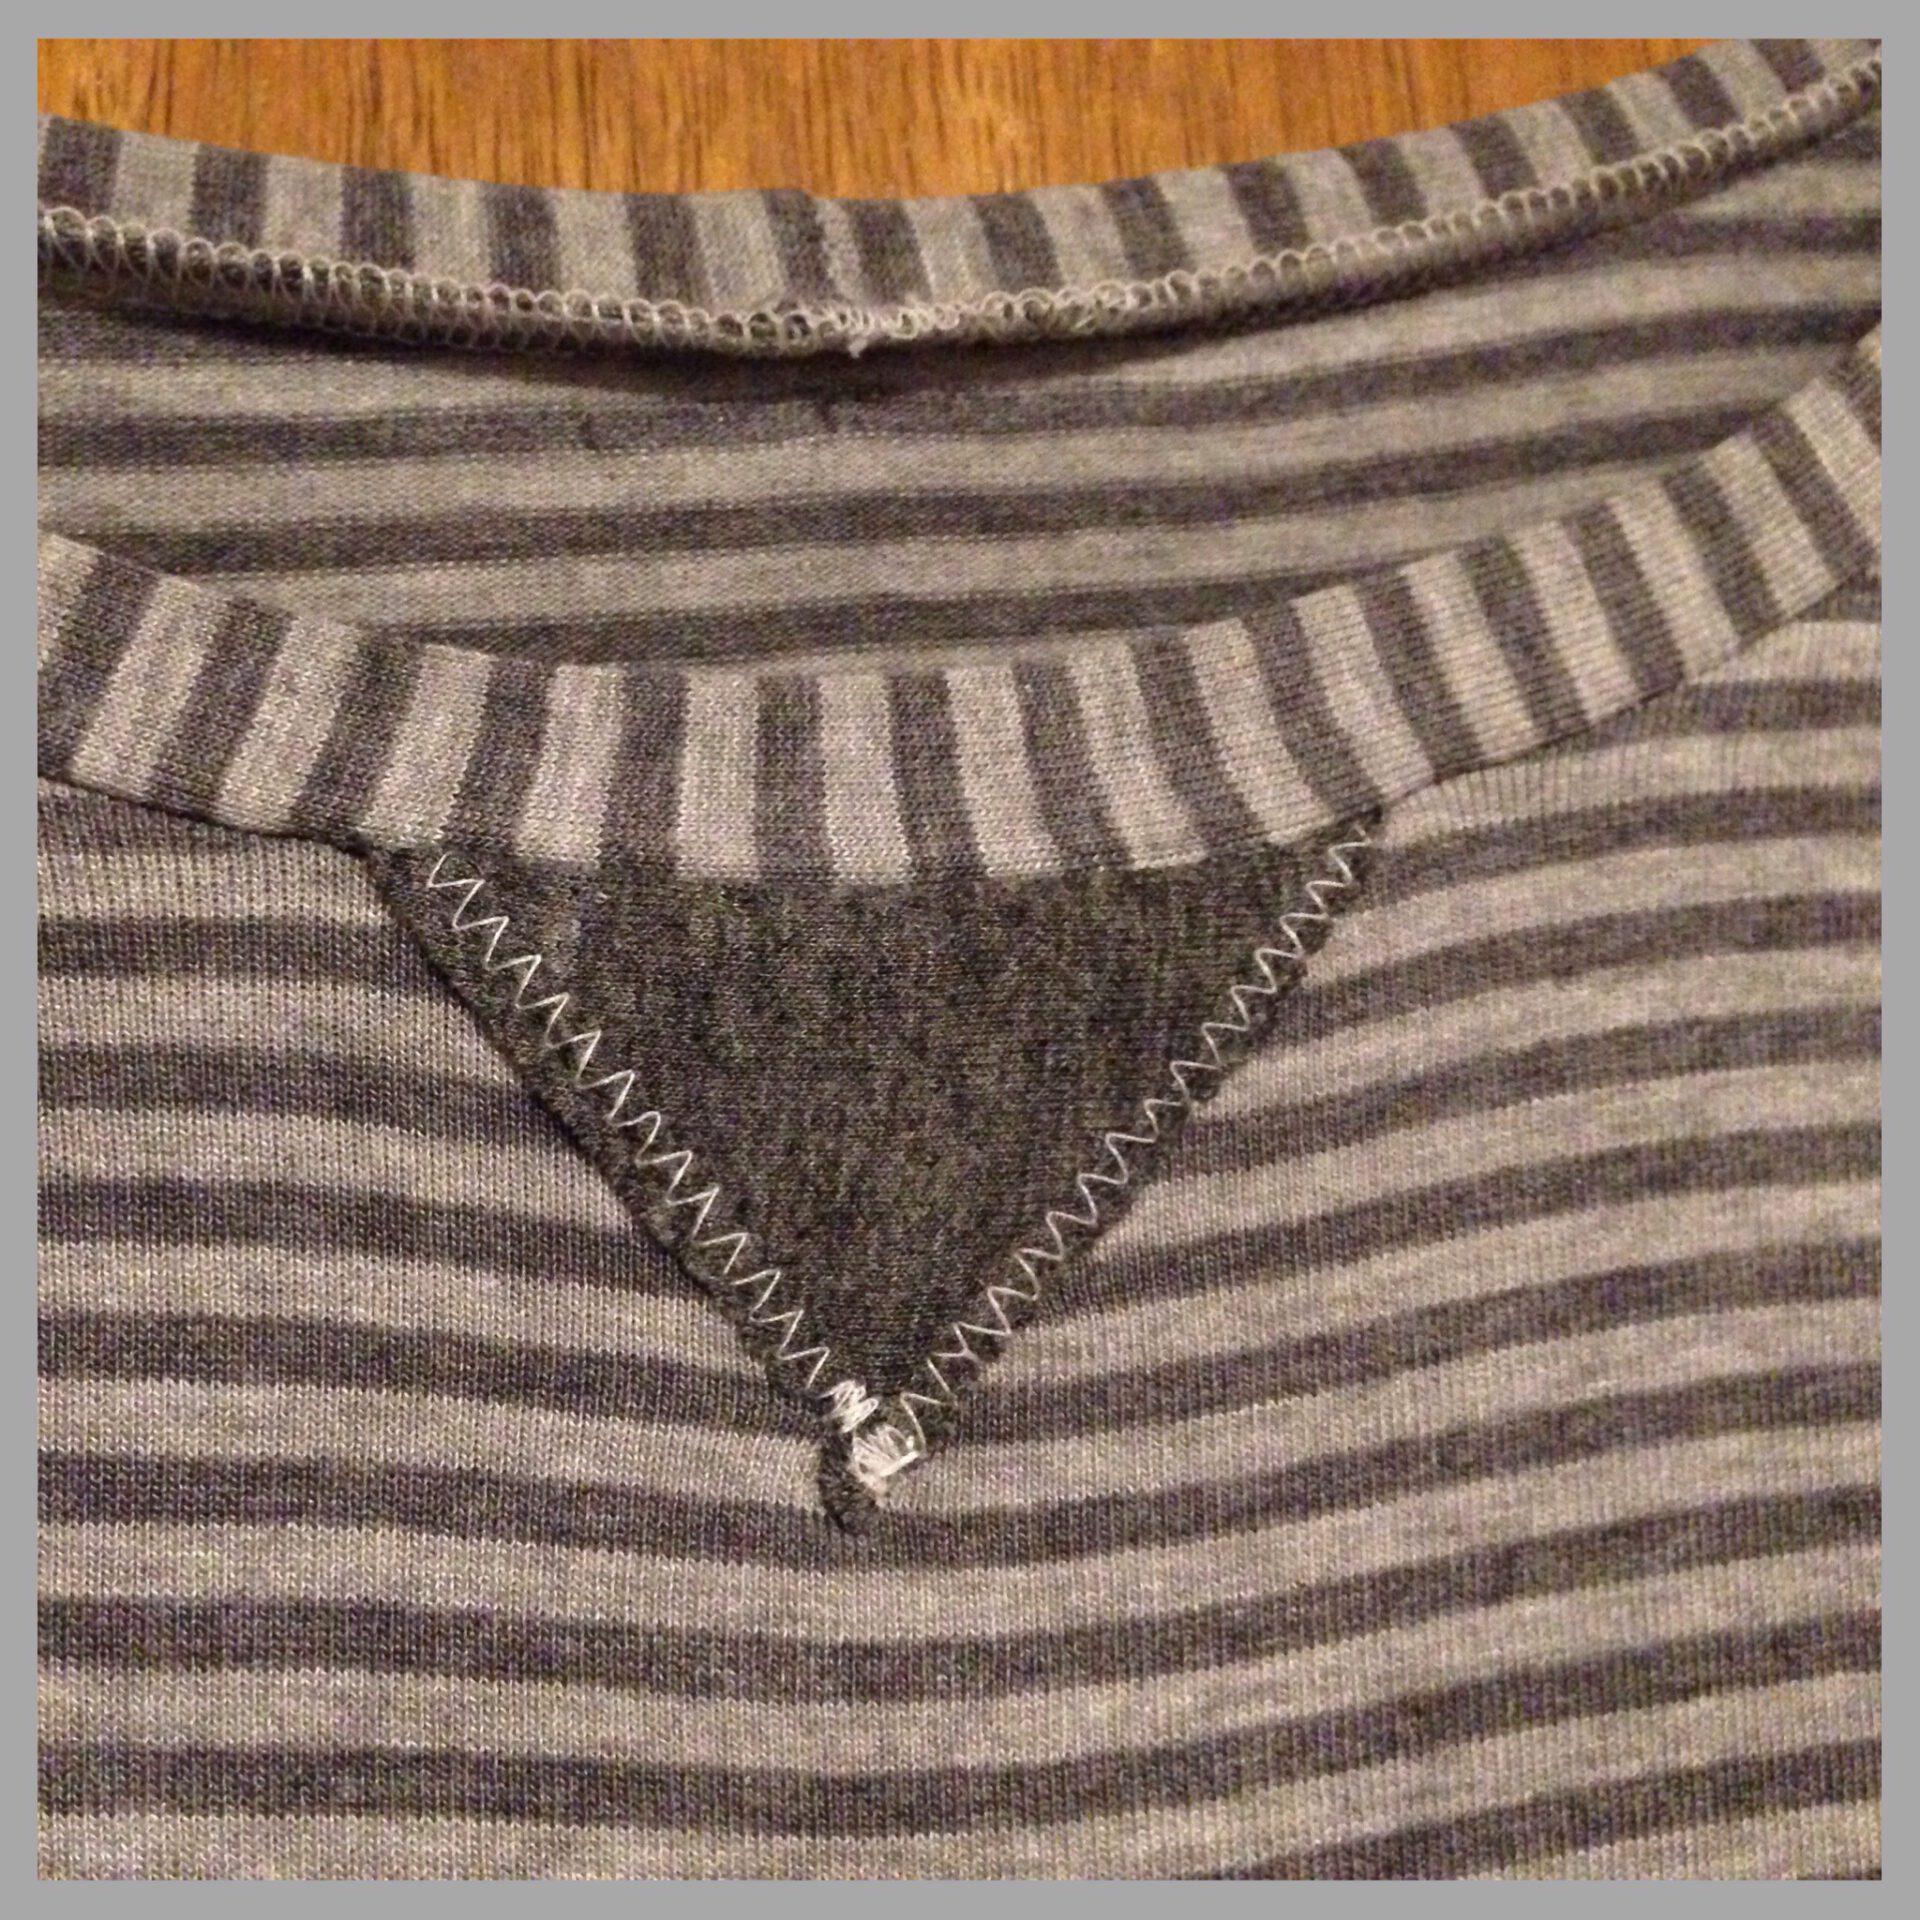 Halsausschnitt mit aufgestepptem Dreieck